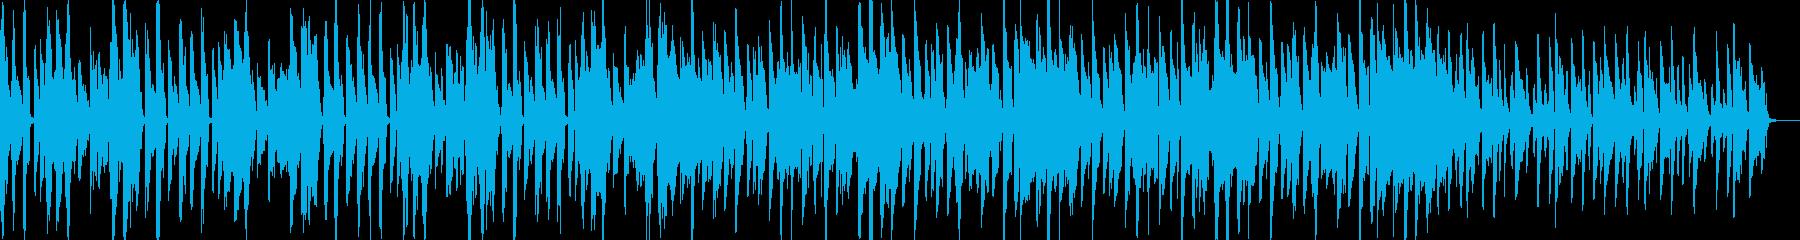 ヒップホップテイストなリズムに合わせて…の再生済みの波形